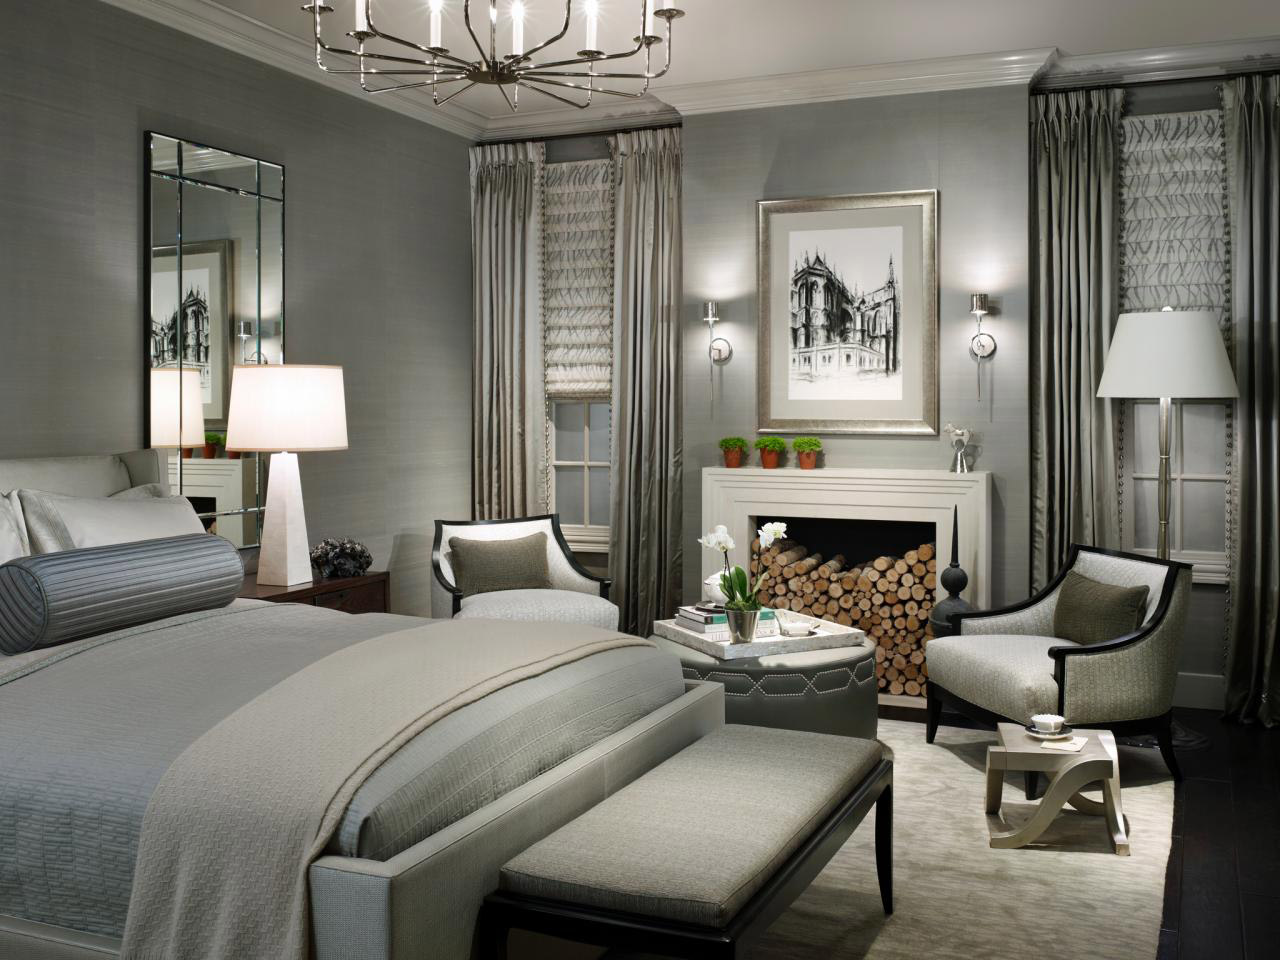 صور ديكورات غرف نوم باللون الرمادي